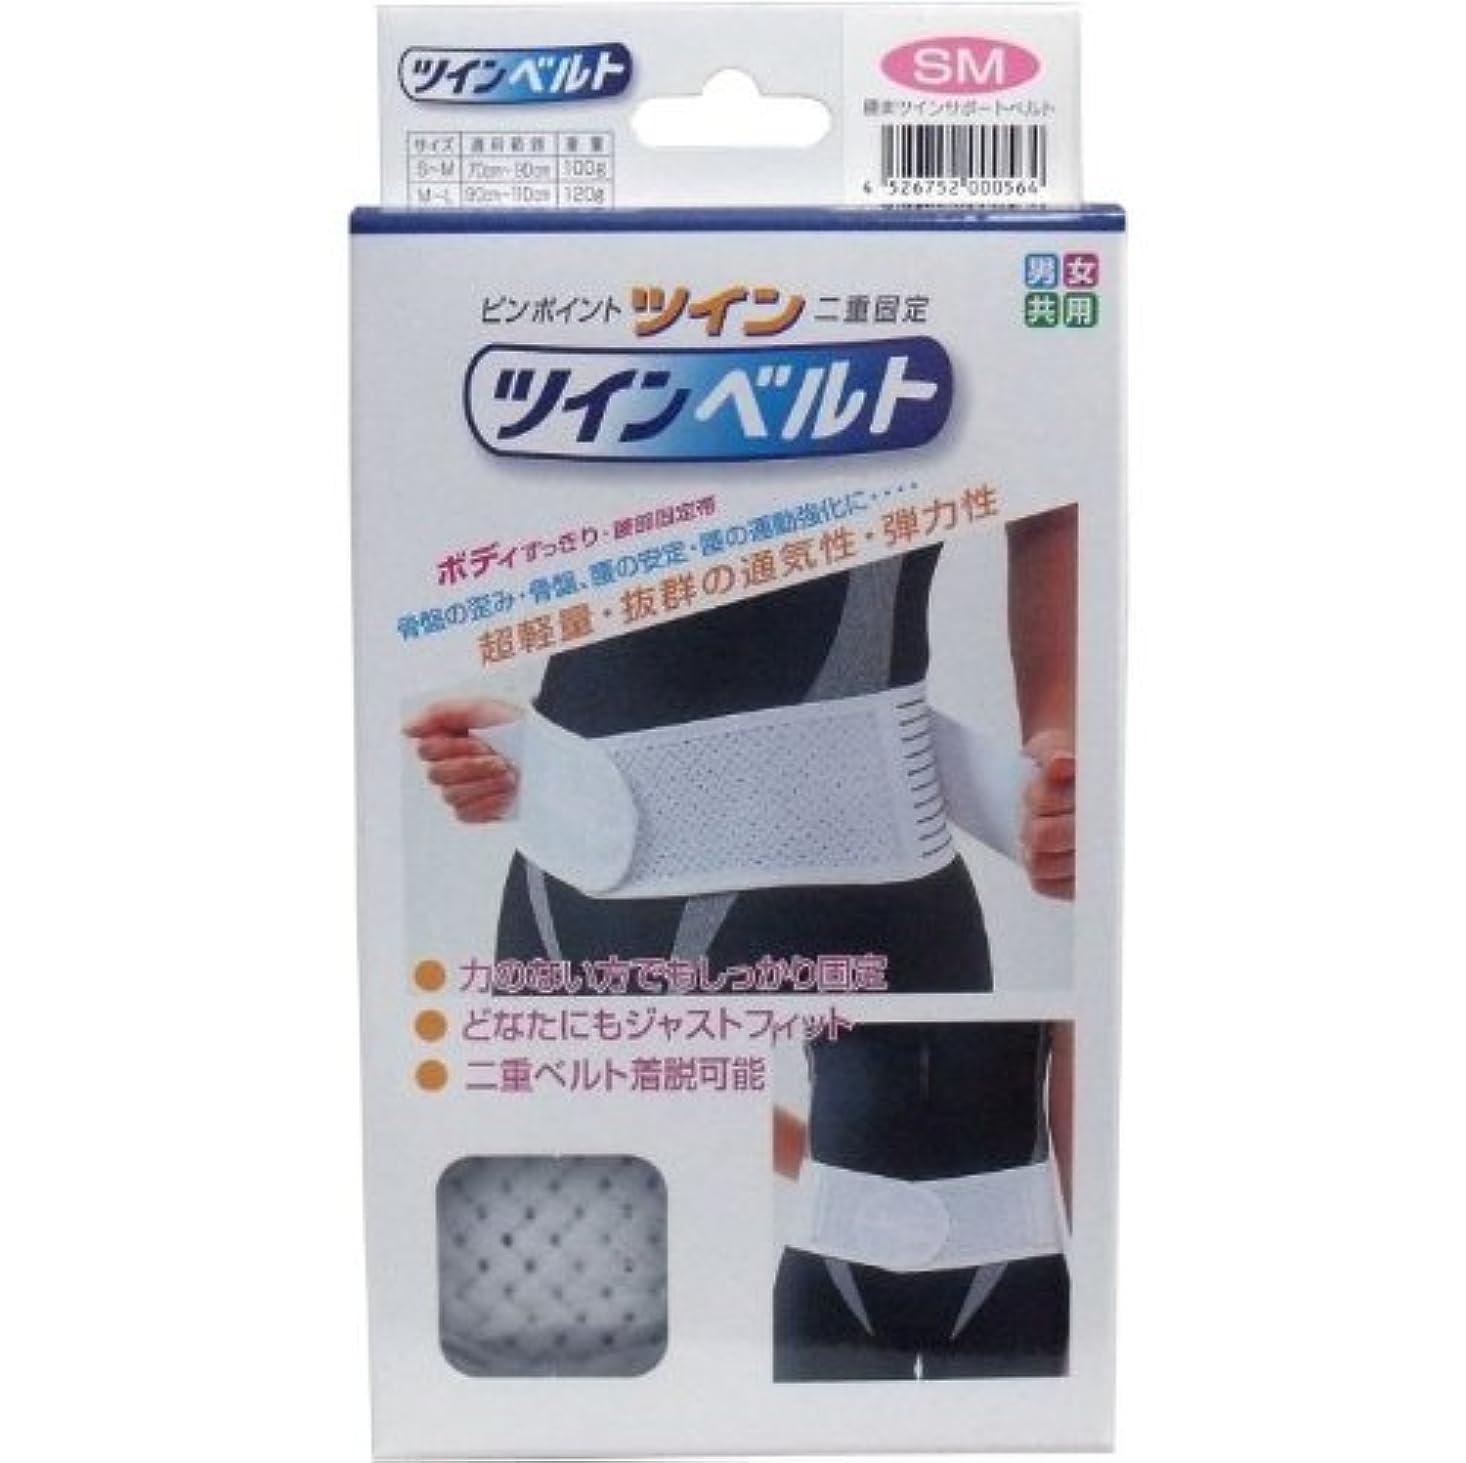 バックアップスナップ供給ツインベルト骨盤の歪み、腰の安定?腰の運動強化に!SMサイズ【3個セット】